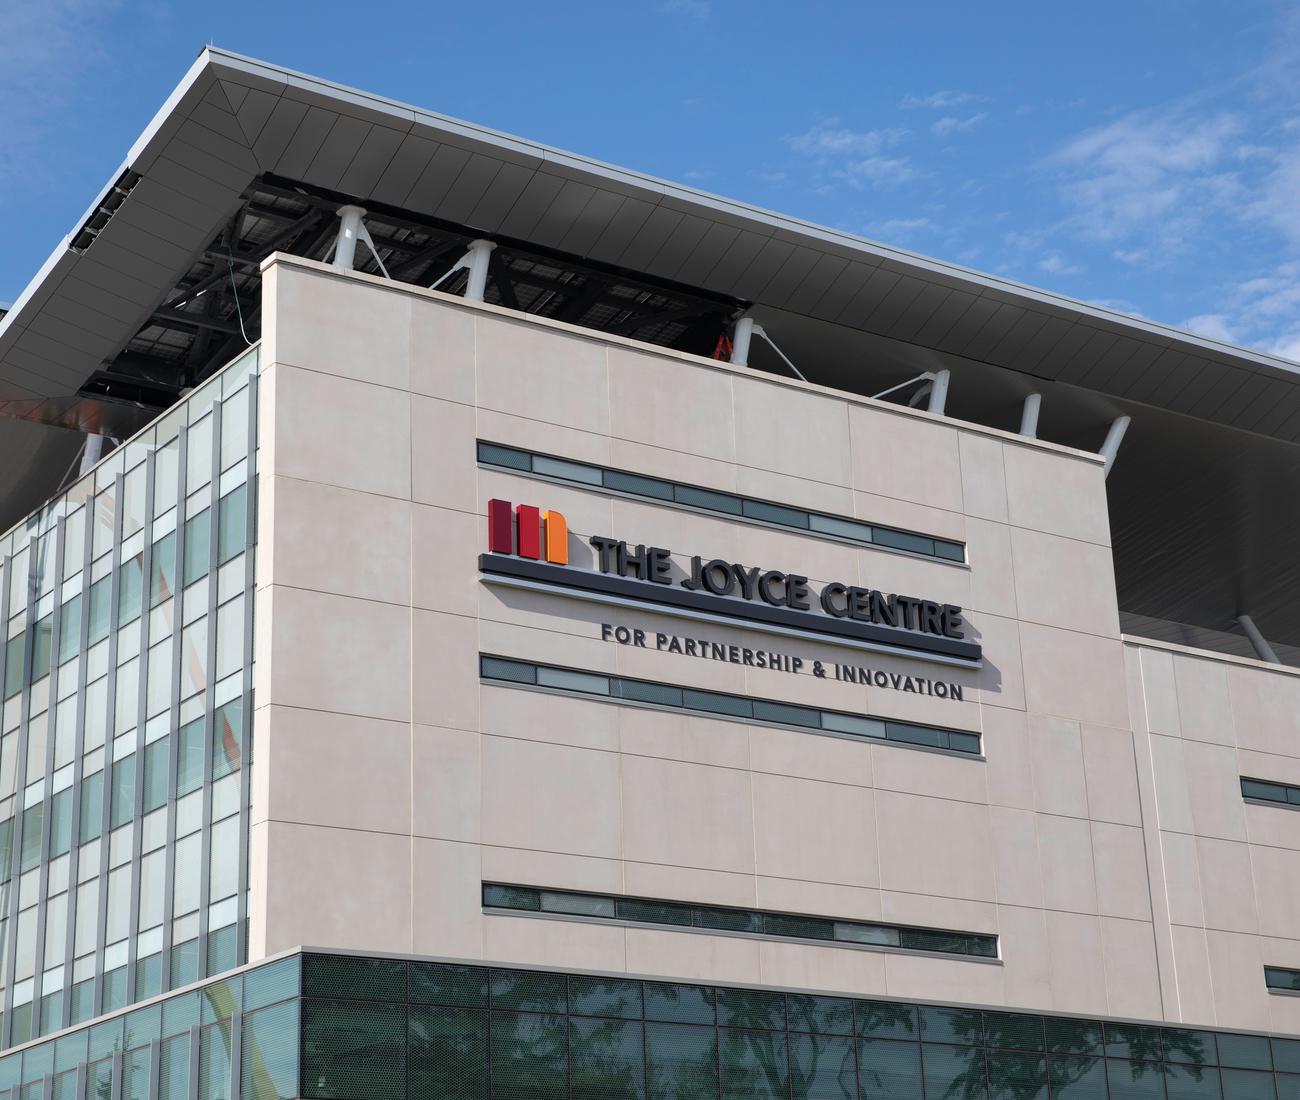 Mohawk College's Joyce Centre in Hamilton